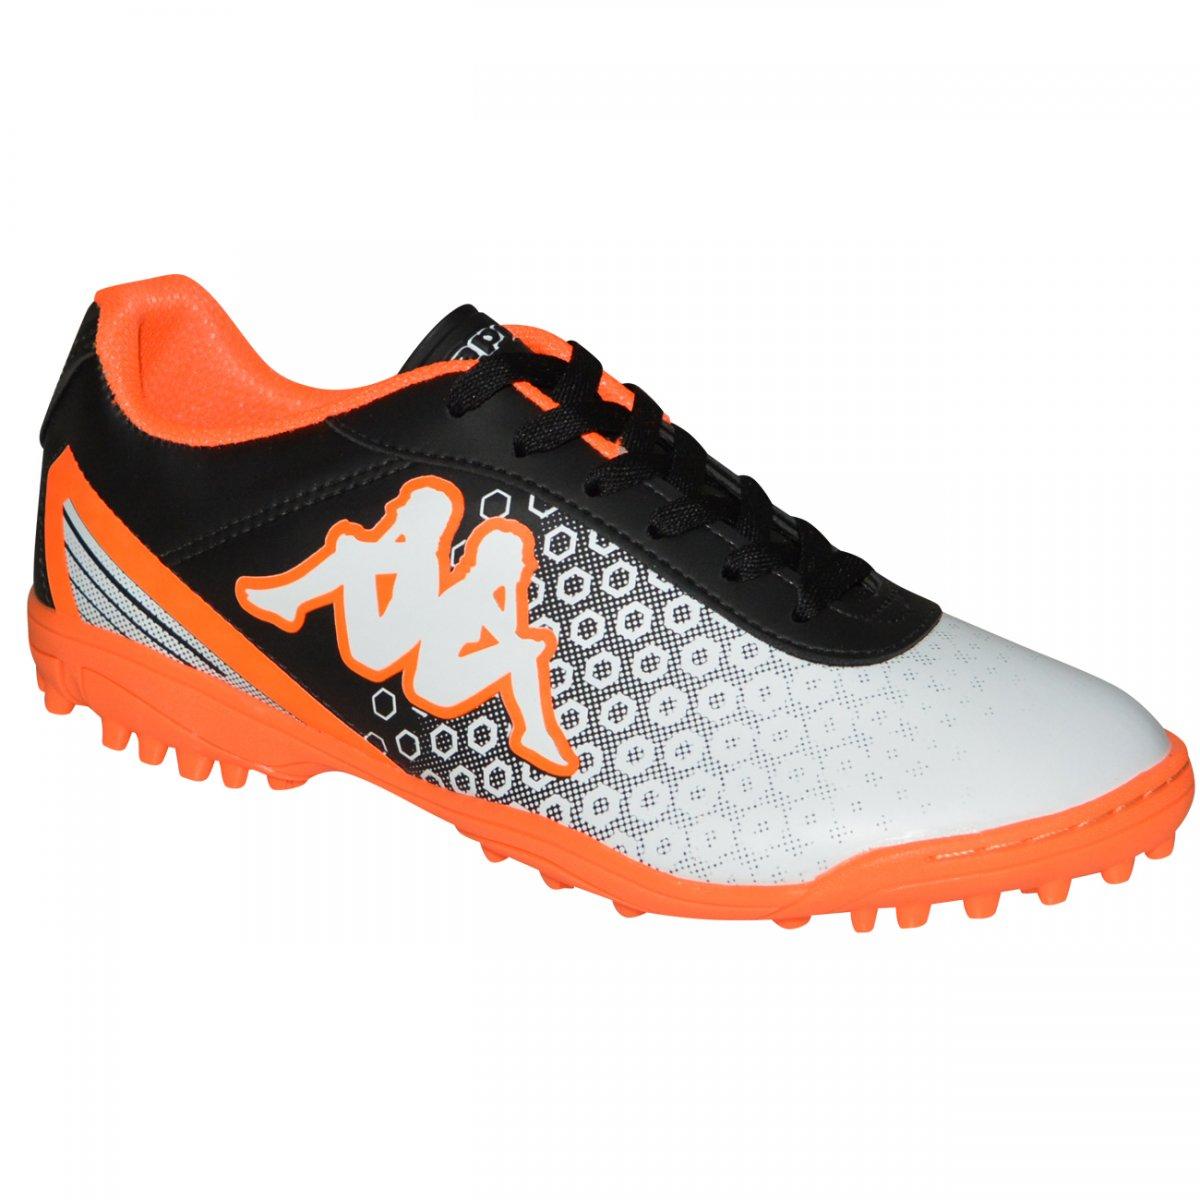 4530eed12bb61 Chuteira Society Kappa Modena I 8301 10.22.46 - Preto/laranja - Chuteira  Nike, Adidas. Sandalias Femininas. Sandy Calçados